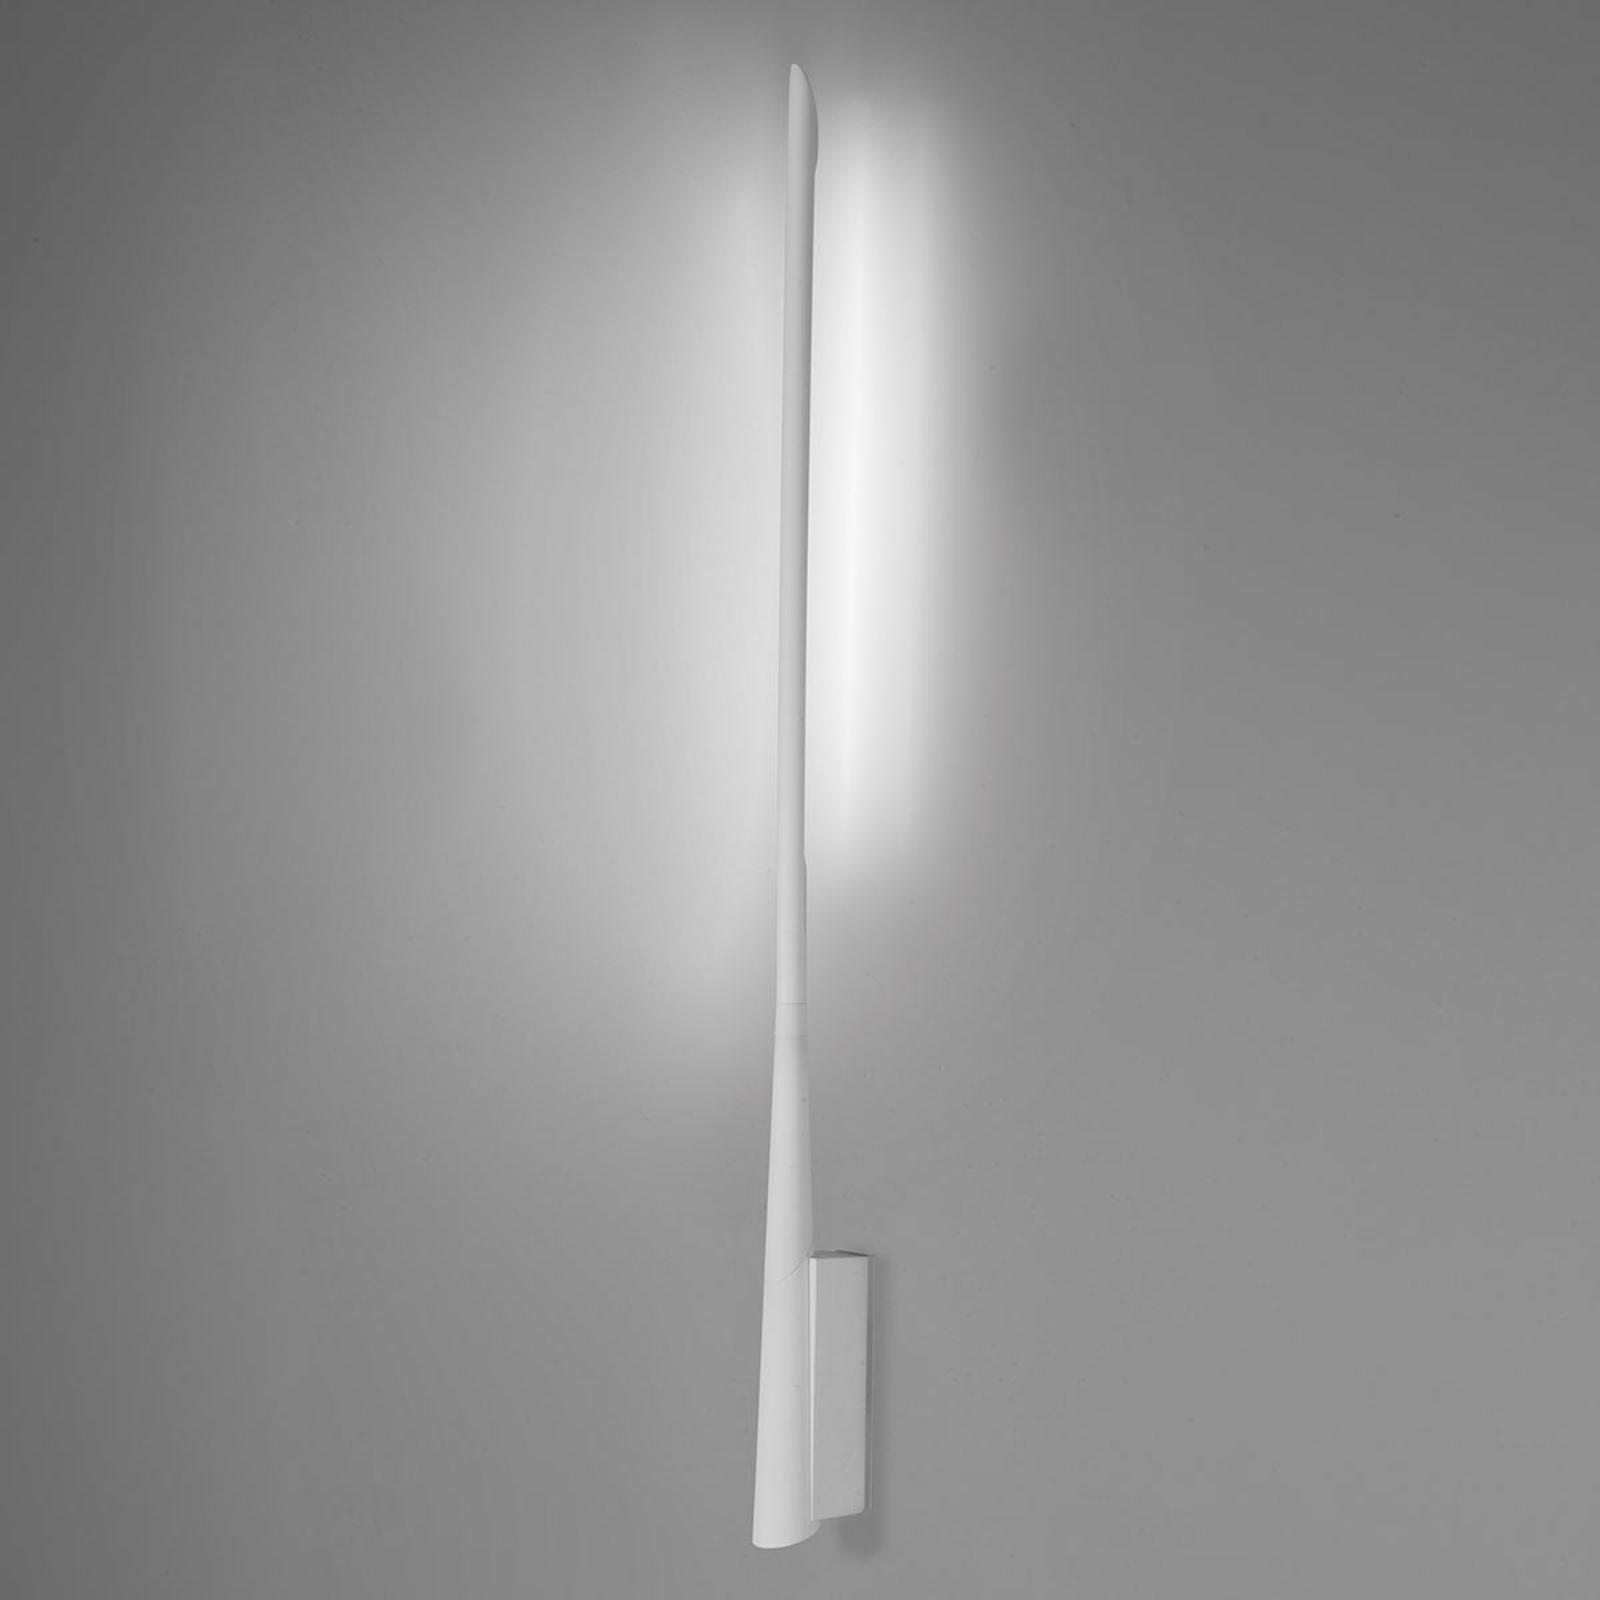 Schwenkbare LED-Wandleuchte Eliana W2 weiß